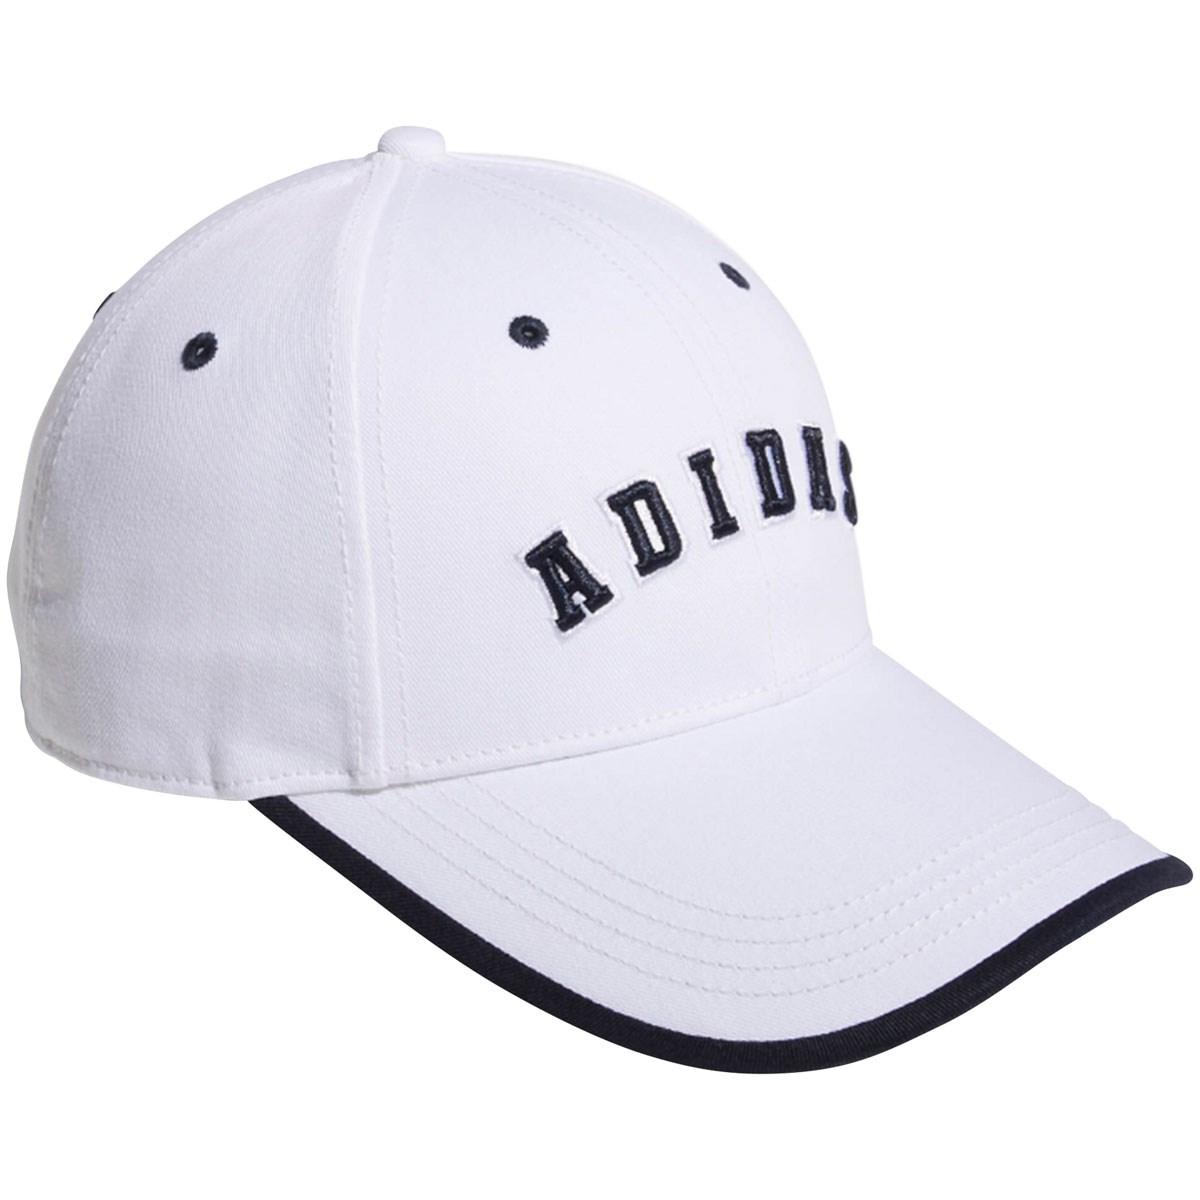 アディダス Adidas ADICROSS ツイルキャップ フリー ホワイト レディス